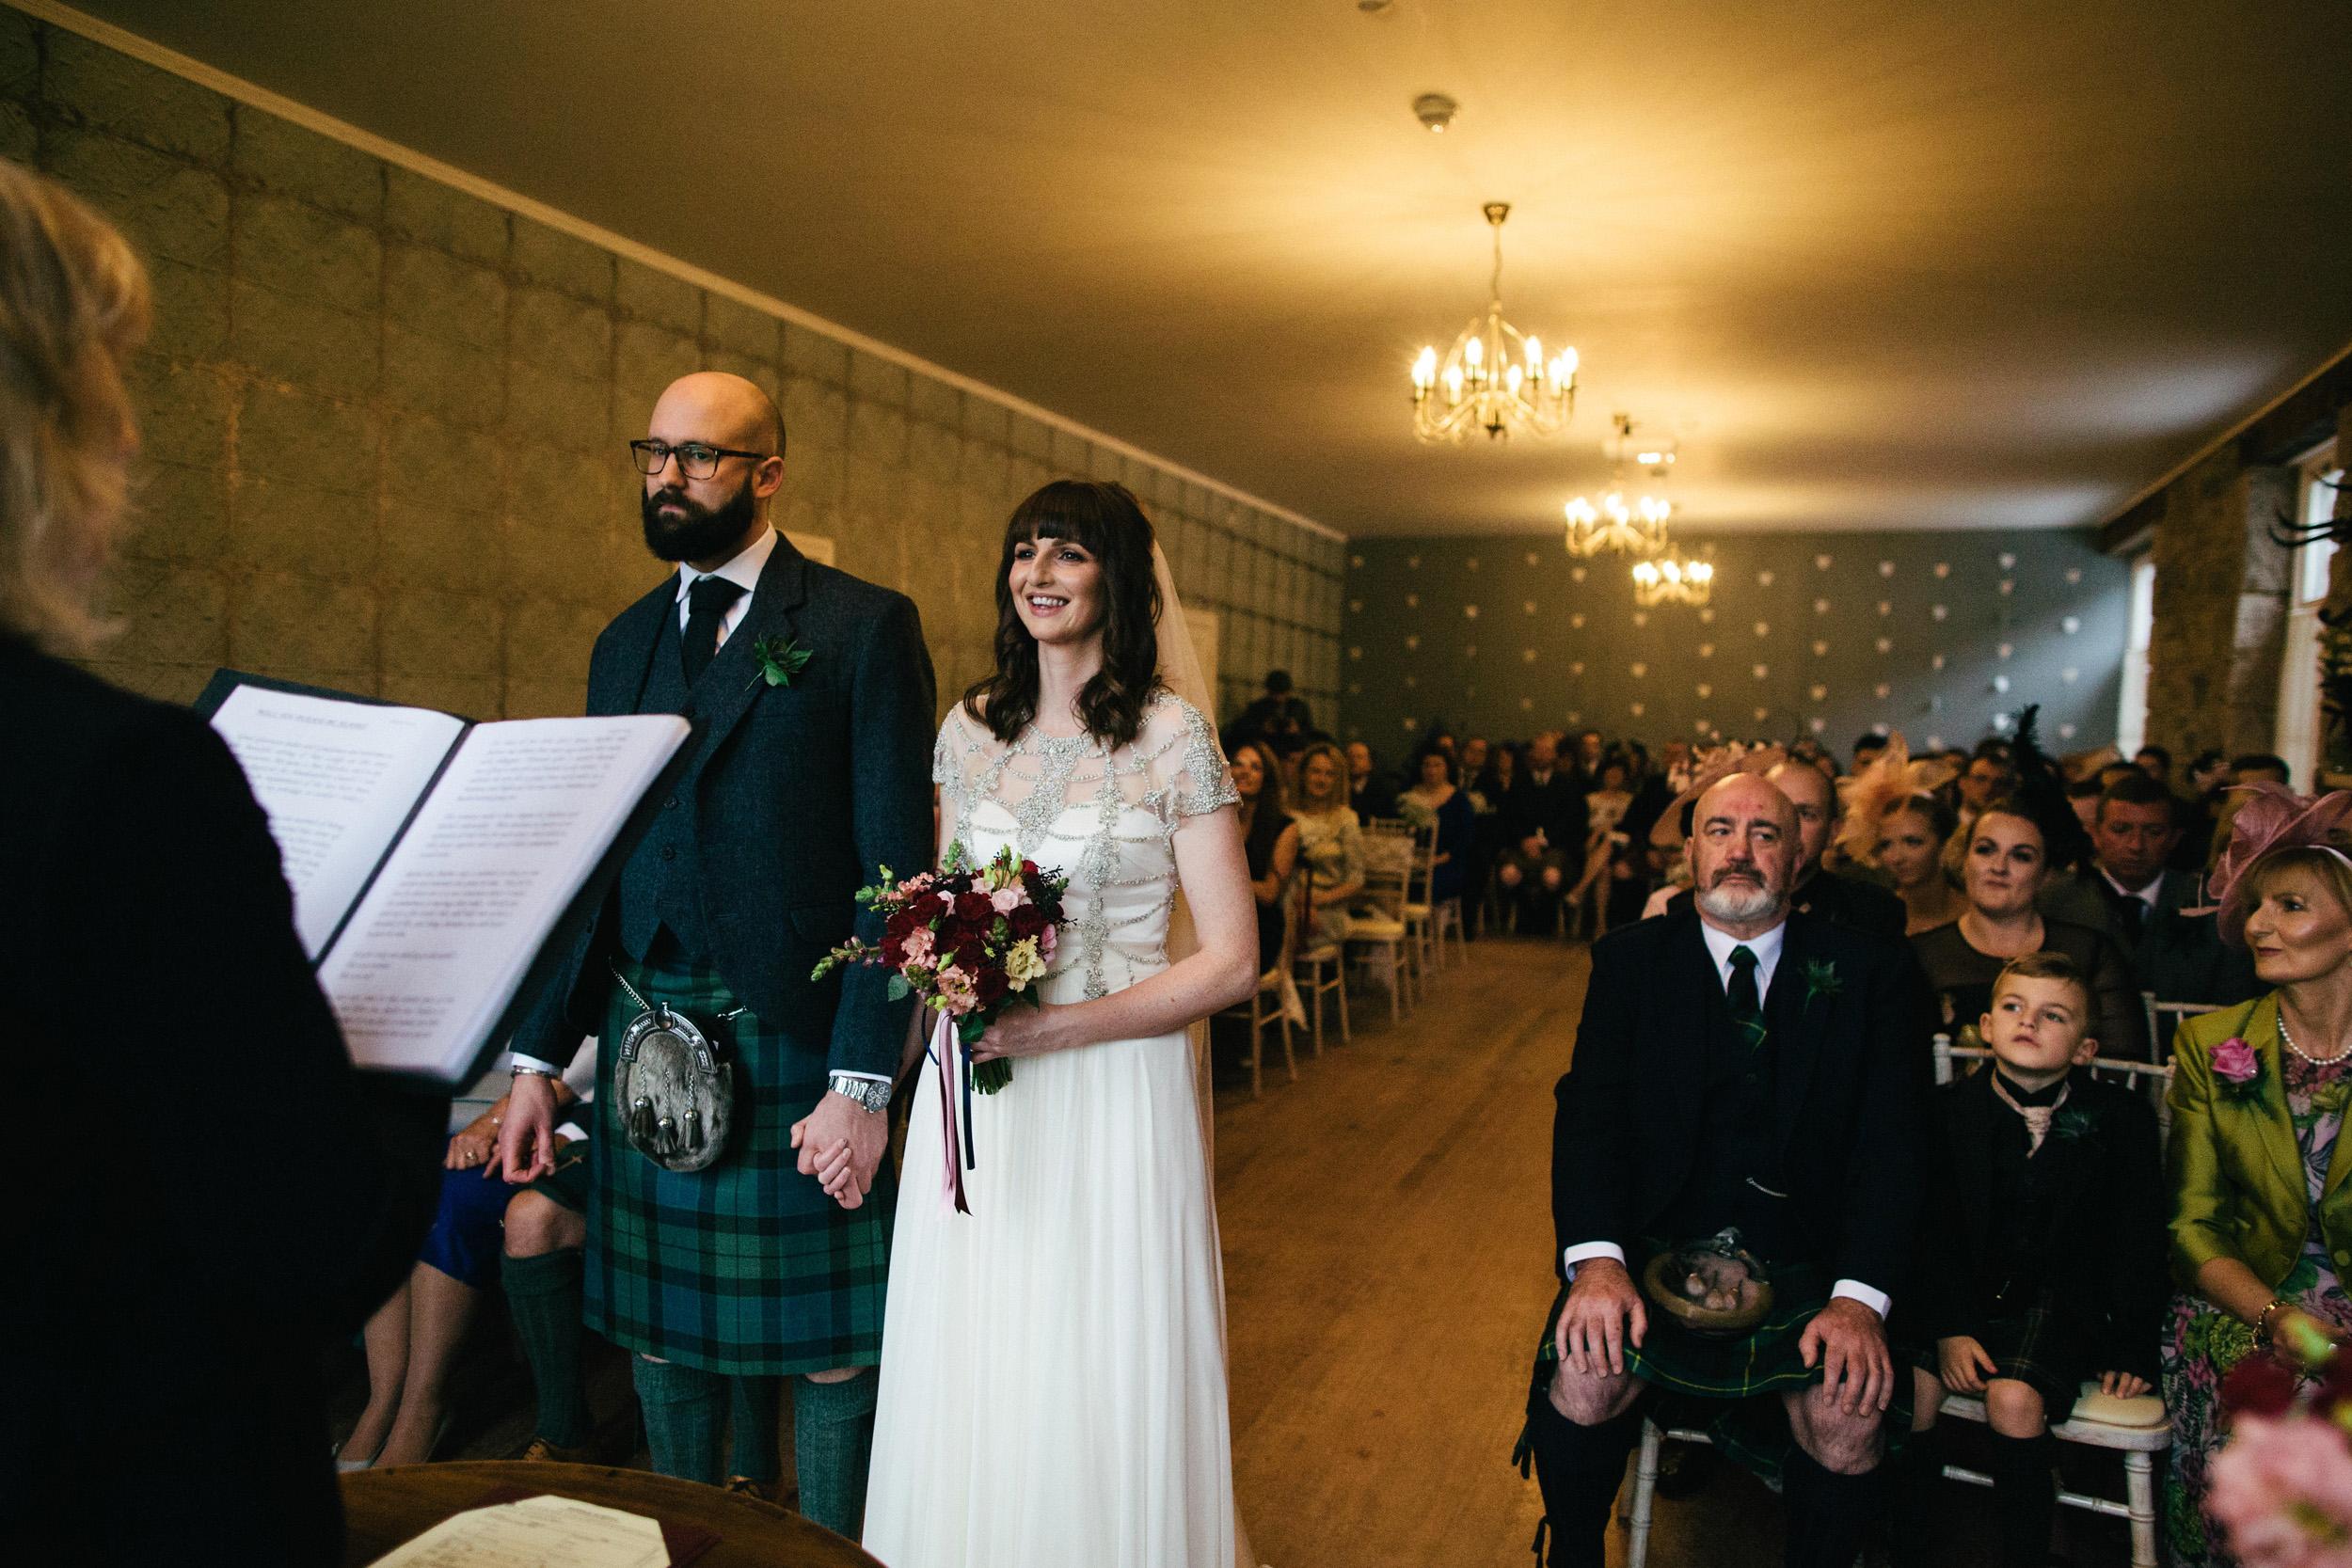 Natural Wedding Photography Aberdeen Braemar 021.jpg